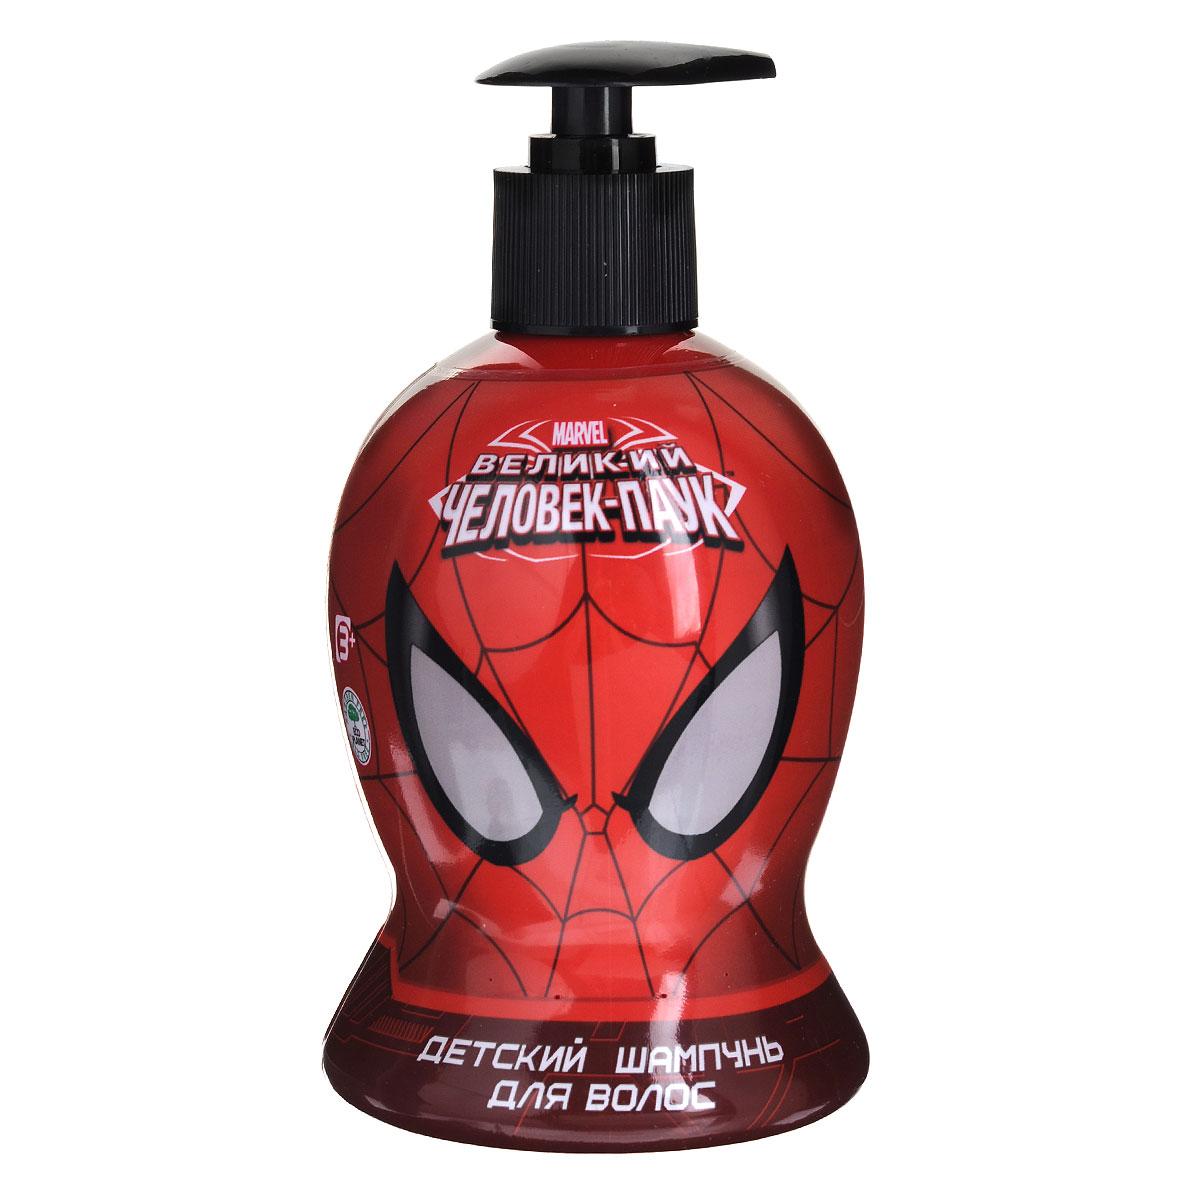 Spider-Man Шампунь Black is Black, детский, 480 мл9651/8832Шампунь мягко очищает волосы и кожу головы, одновременно питает их полезными растительными экстрактами. Волосы становятся мягкими, шелковистыми, легко расчесываются. Приятный тонизирующий аромат заряжает великолепным настроением надолго. Линия средств для настоящего супер-героя! Товар сертифицирован.